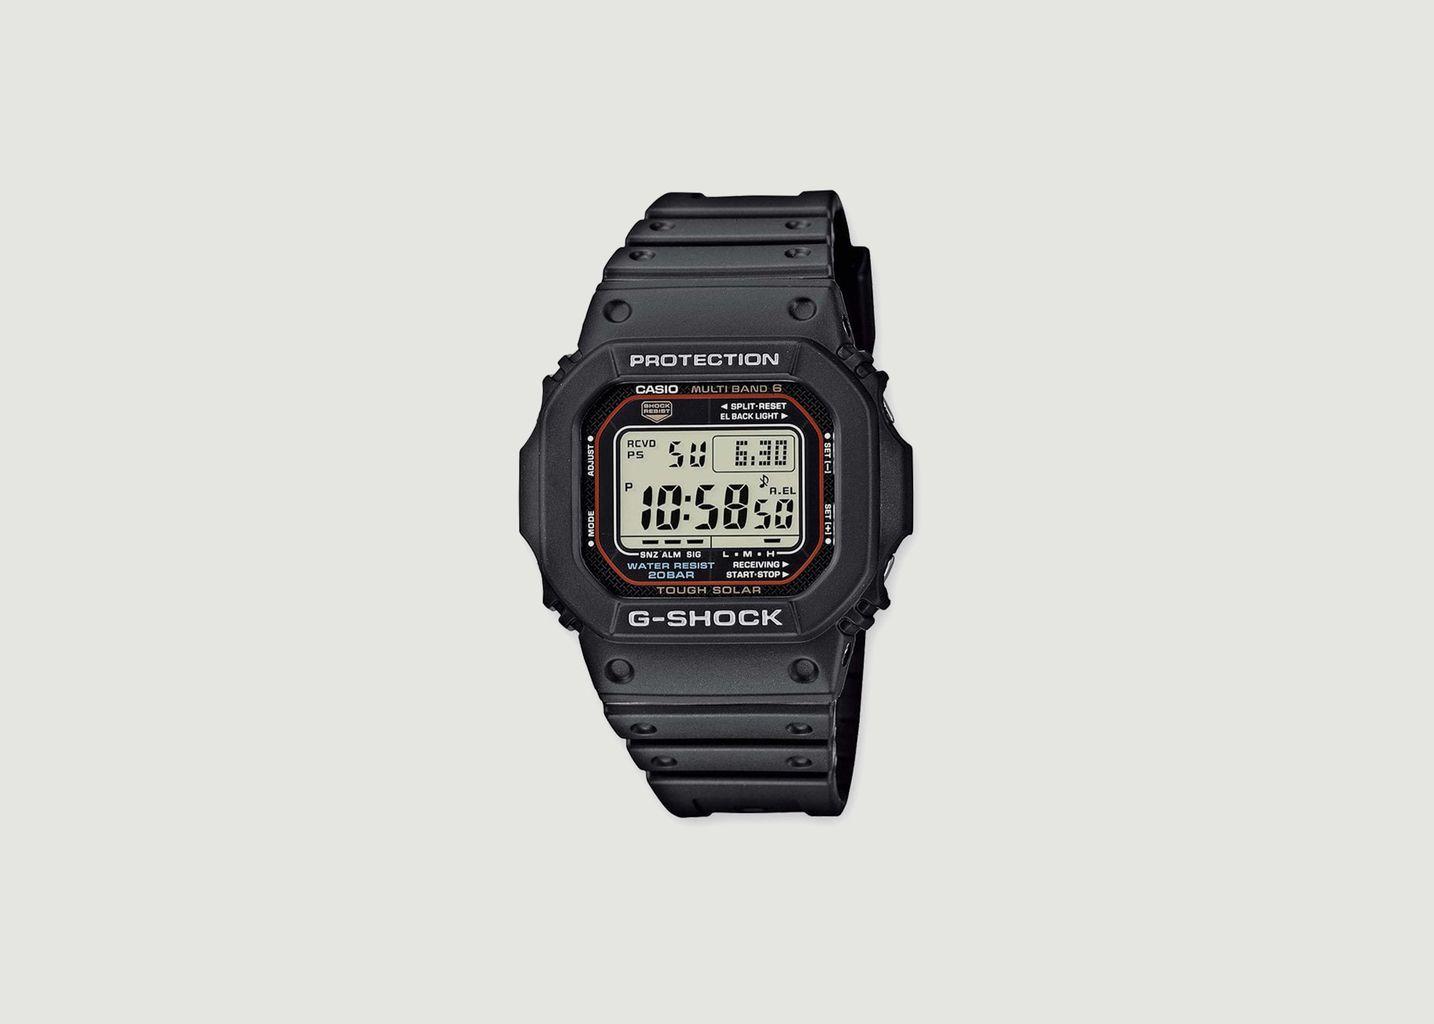 Montre G-SHOCK M5610 - Casio G-SHOCK